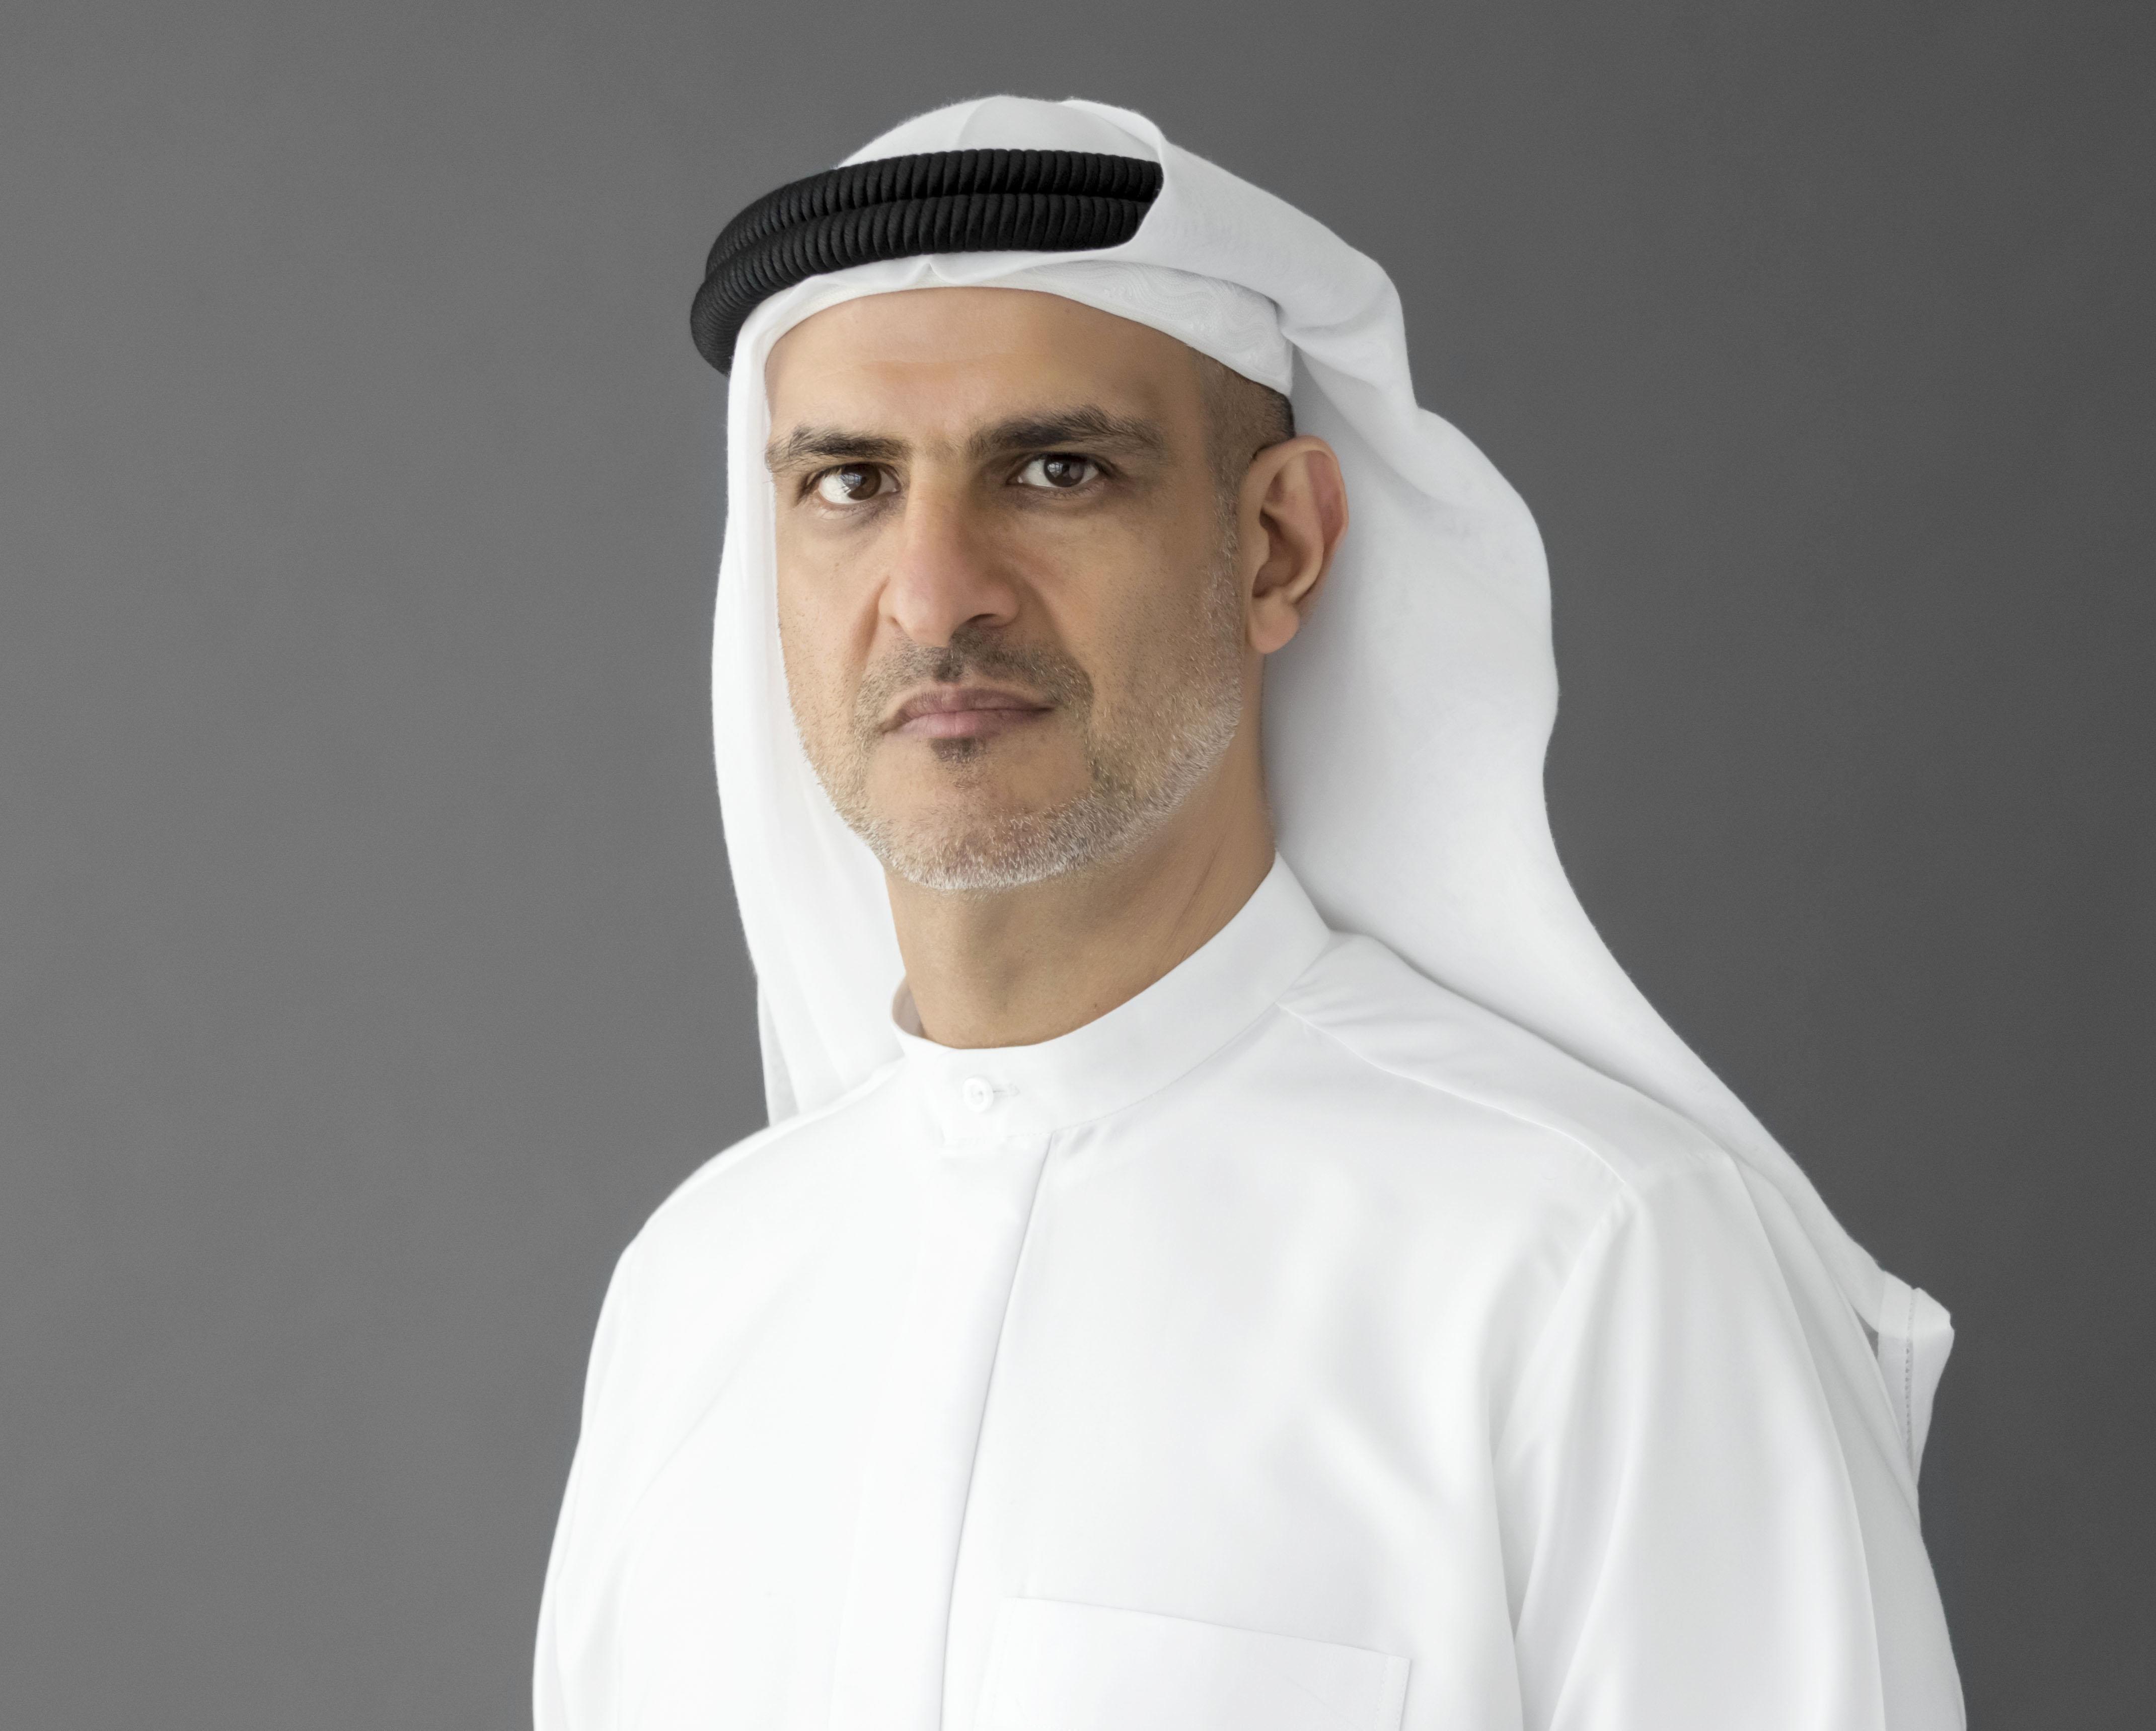 هاشم بهروزيان المدير التنفيذي لمؤسسة المواصلات العامة، رئيس لجنة جاهزية هيئة الطرق والمواصلات لاستضافة إكسبو 2020